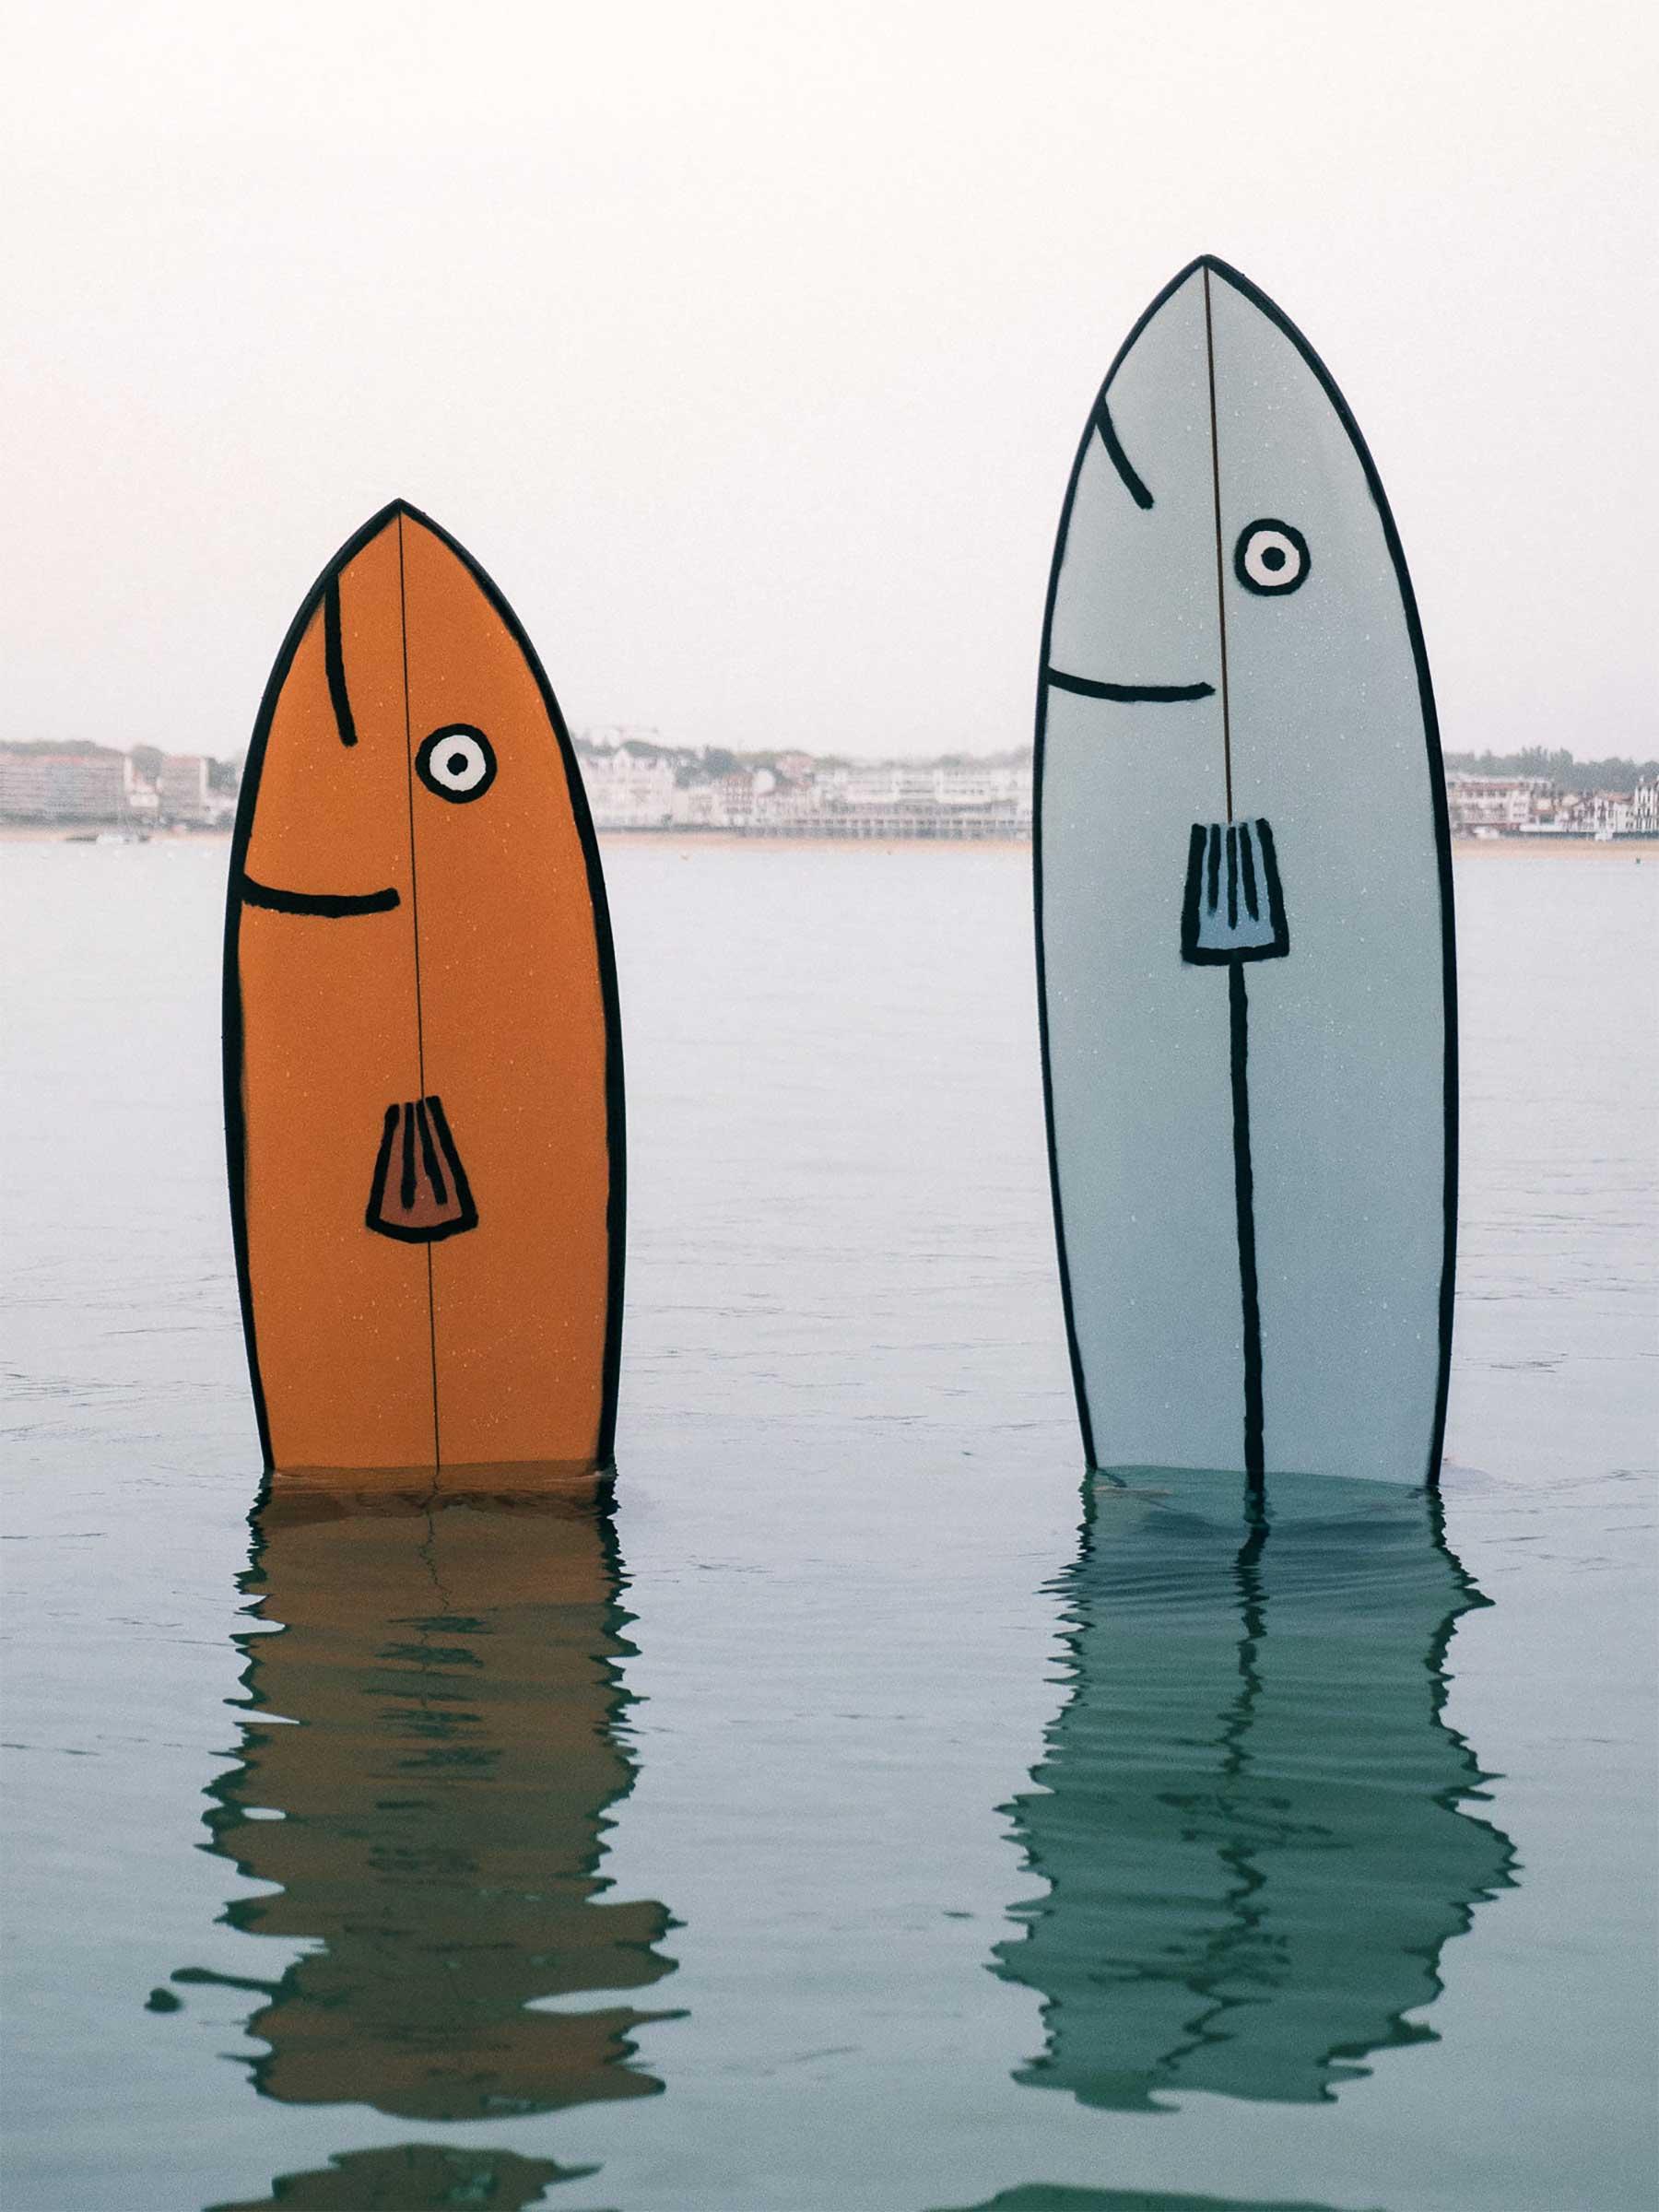 Tier-Surfbrett-Designs von Jean Jullien Jean-Jullien-surfbretter_02